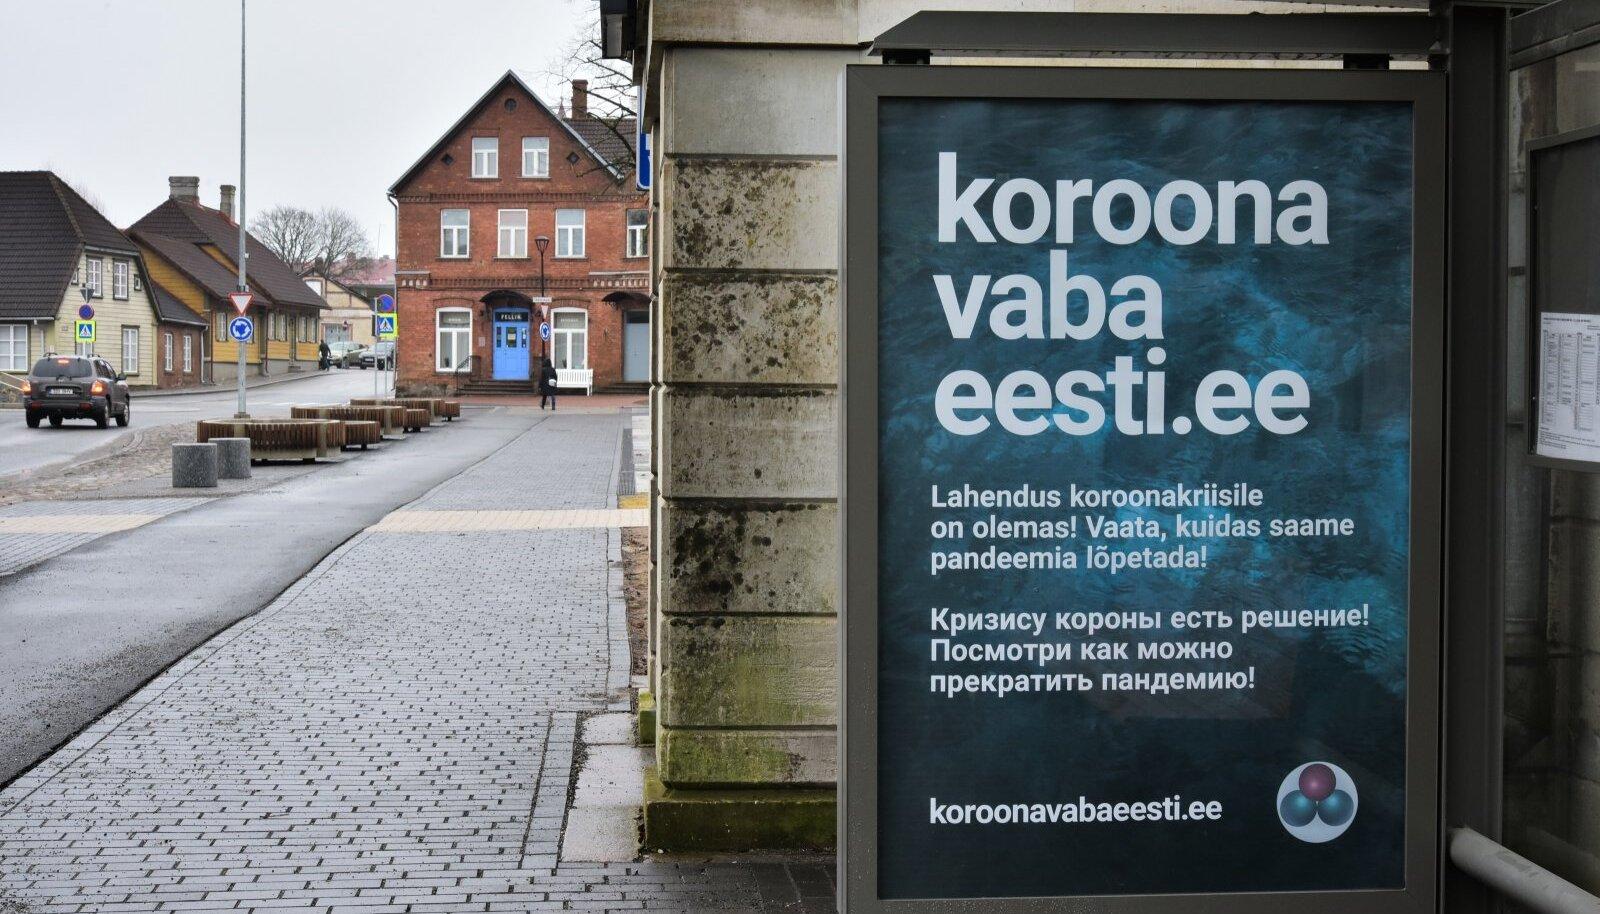 Viljandi bussipeatustes reklaamitakse koroonaviiruse raviks kloordioksiidi ehk MMS-i